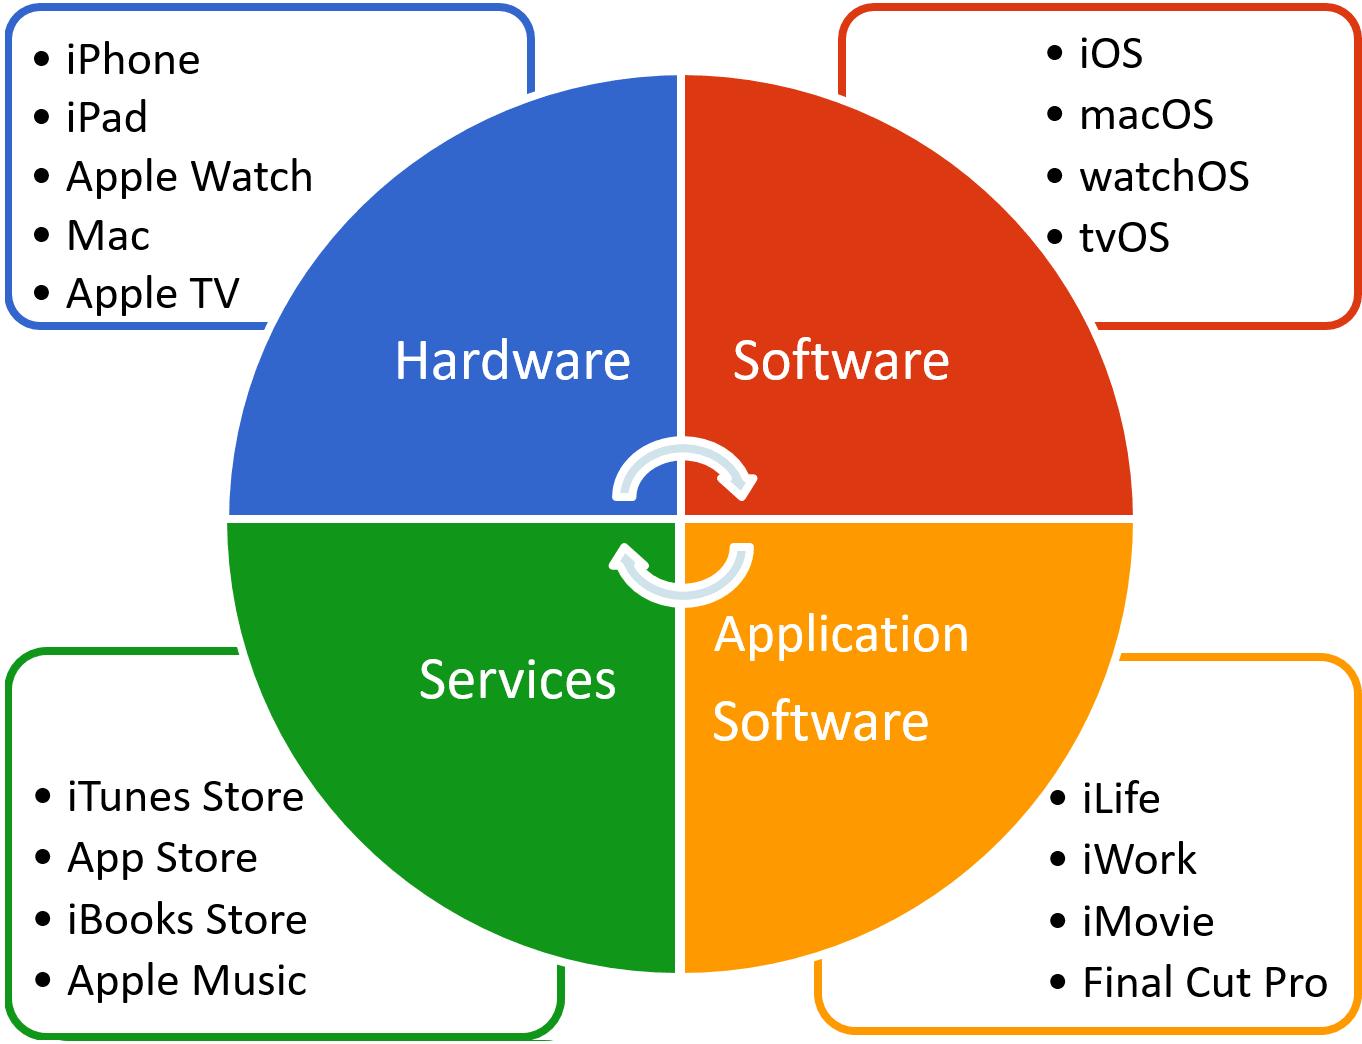 Softwareapple Inc.